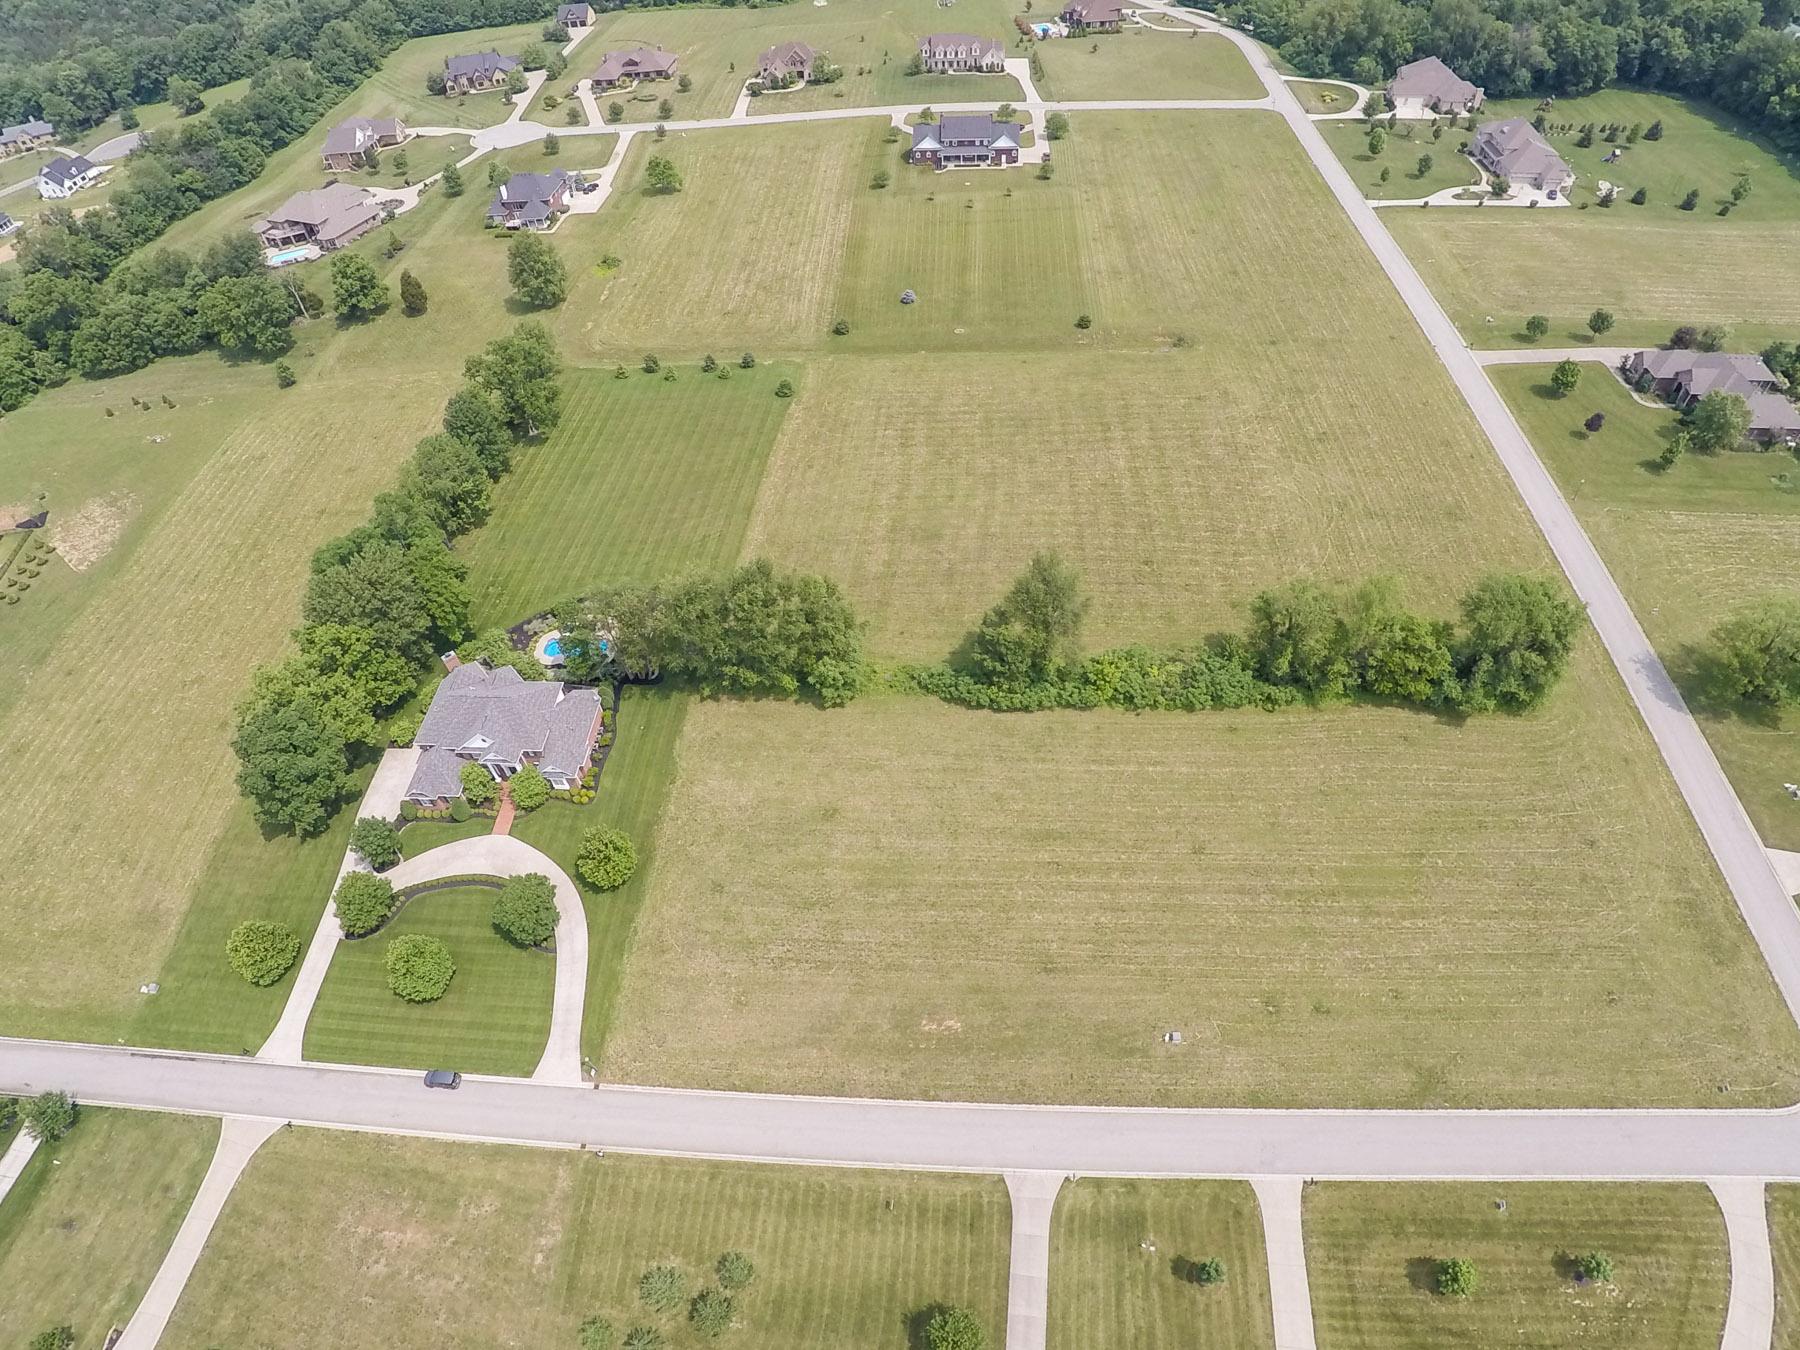 Đất đai vì Bán tại 9608 W. View Court Crestwood, Kentucky, 40014 Hoa Kỳ